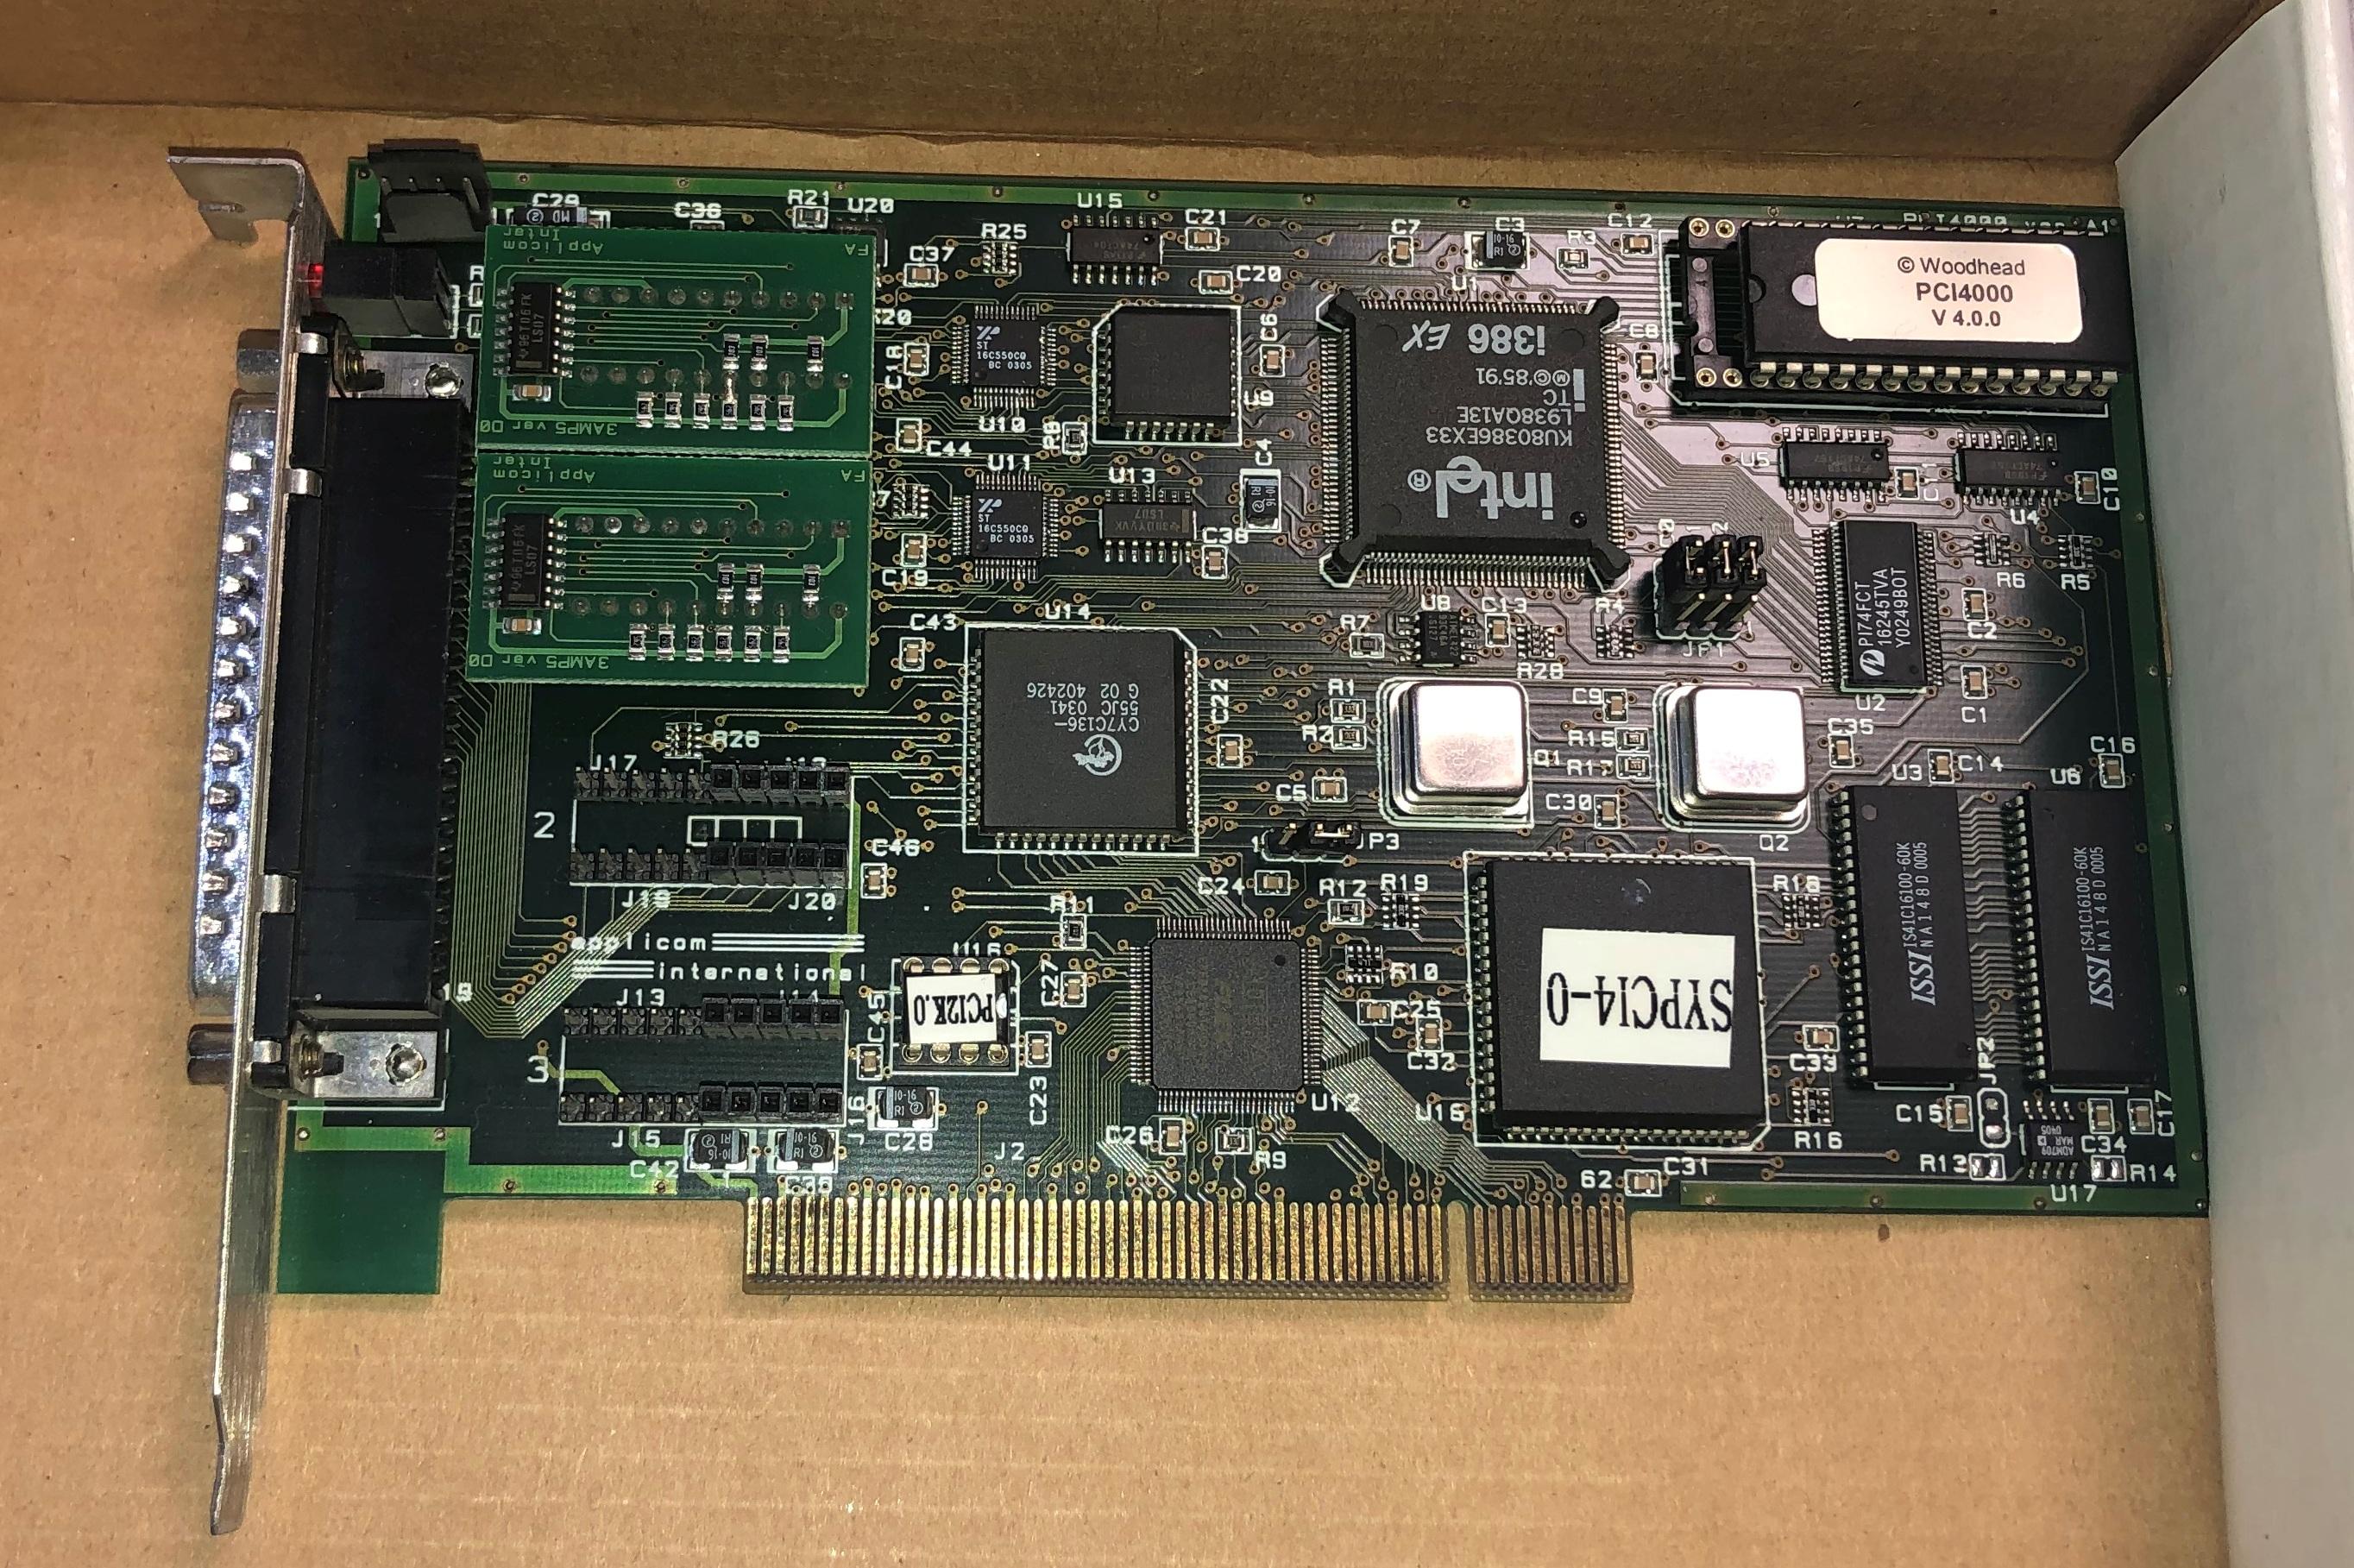 Applicom PCI 4000 (PCI4000)